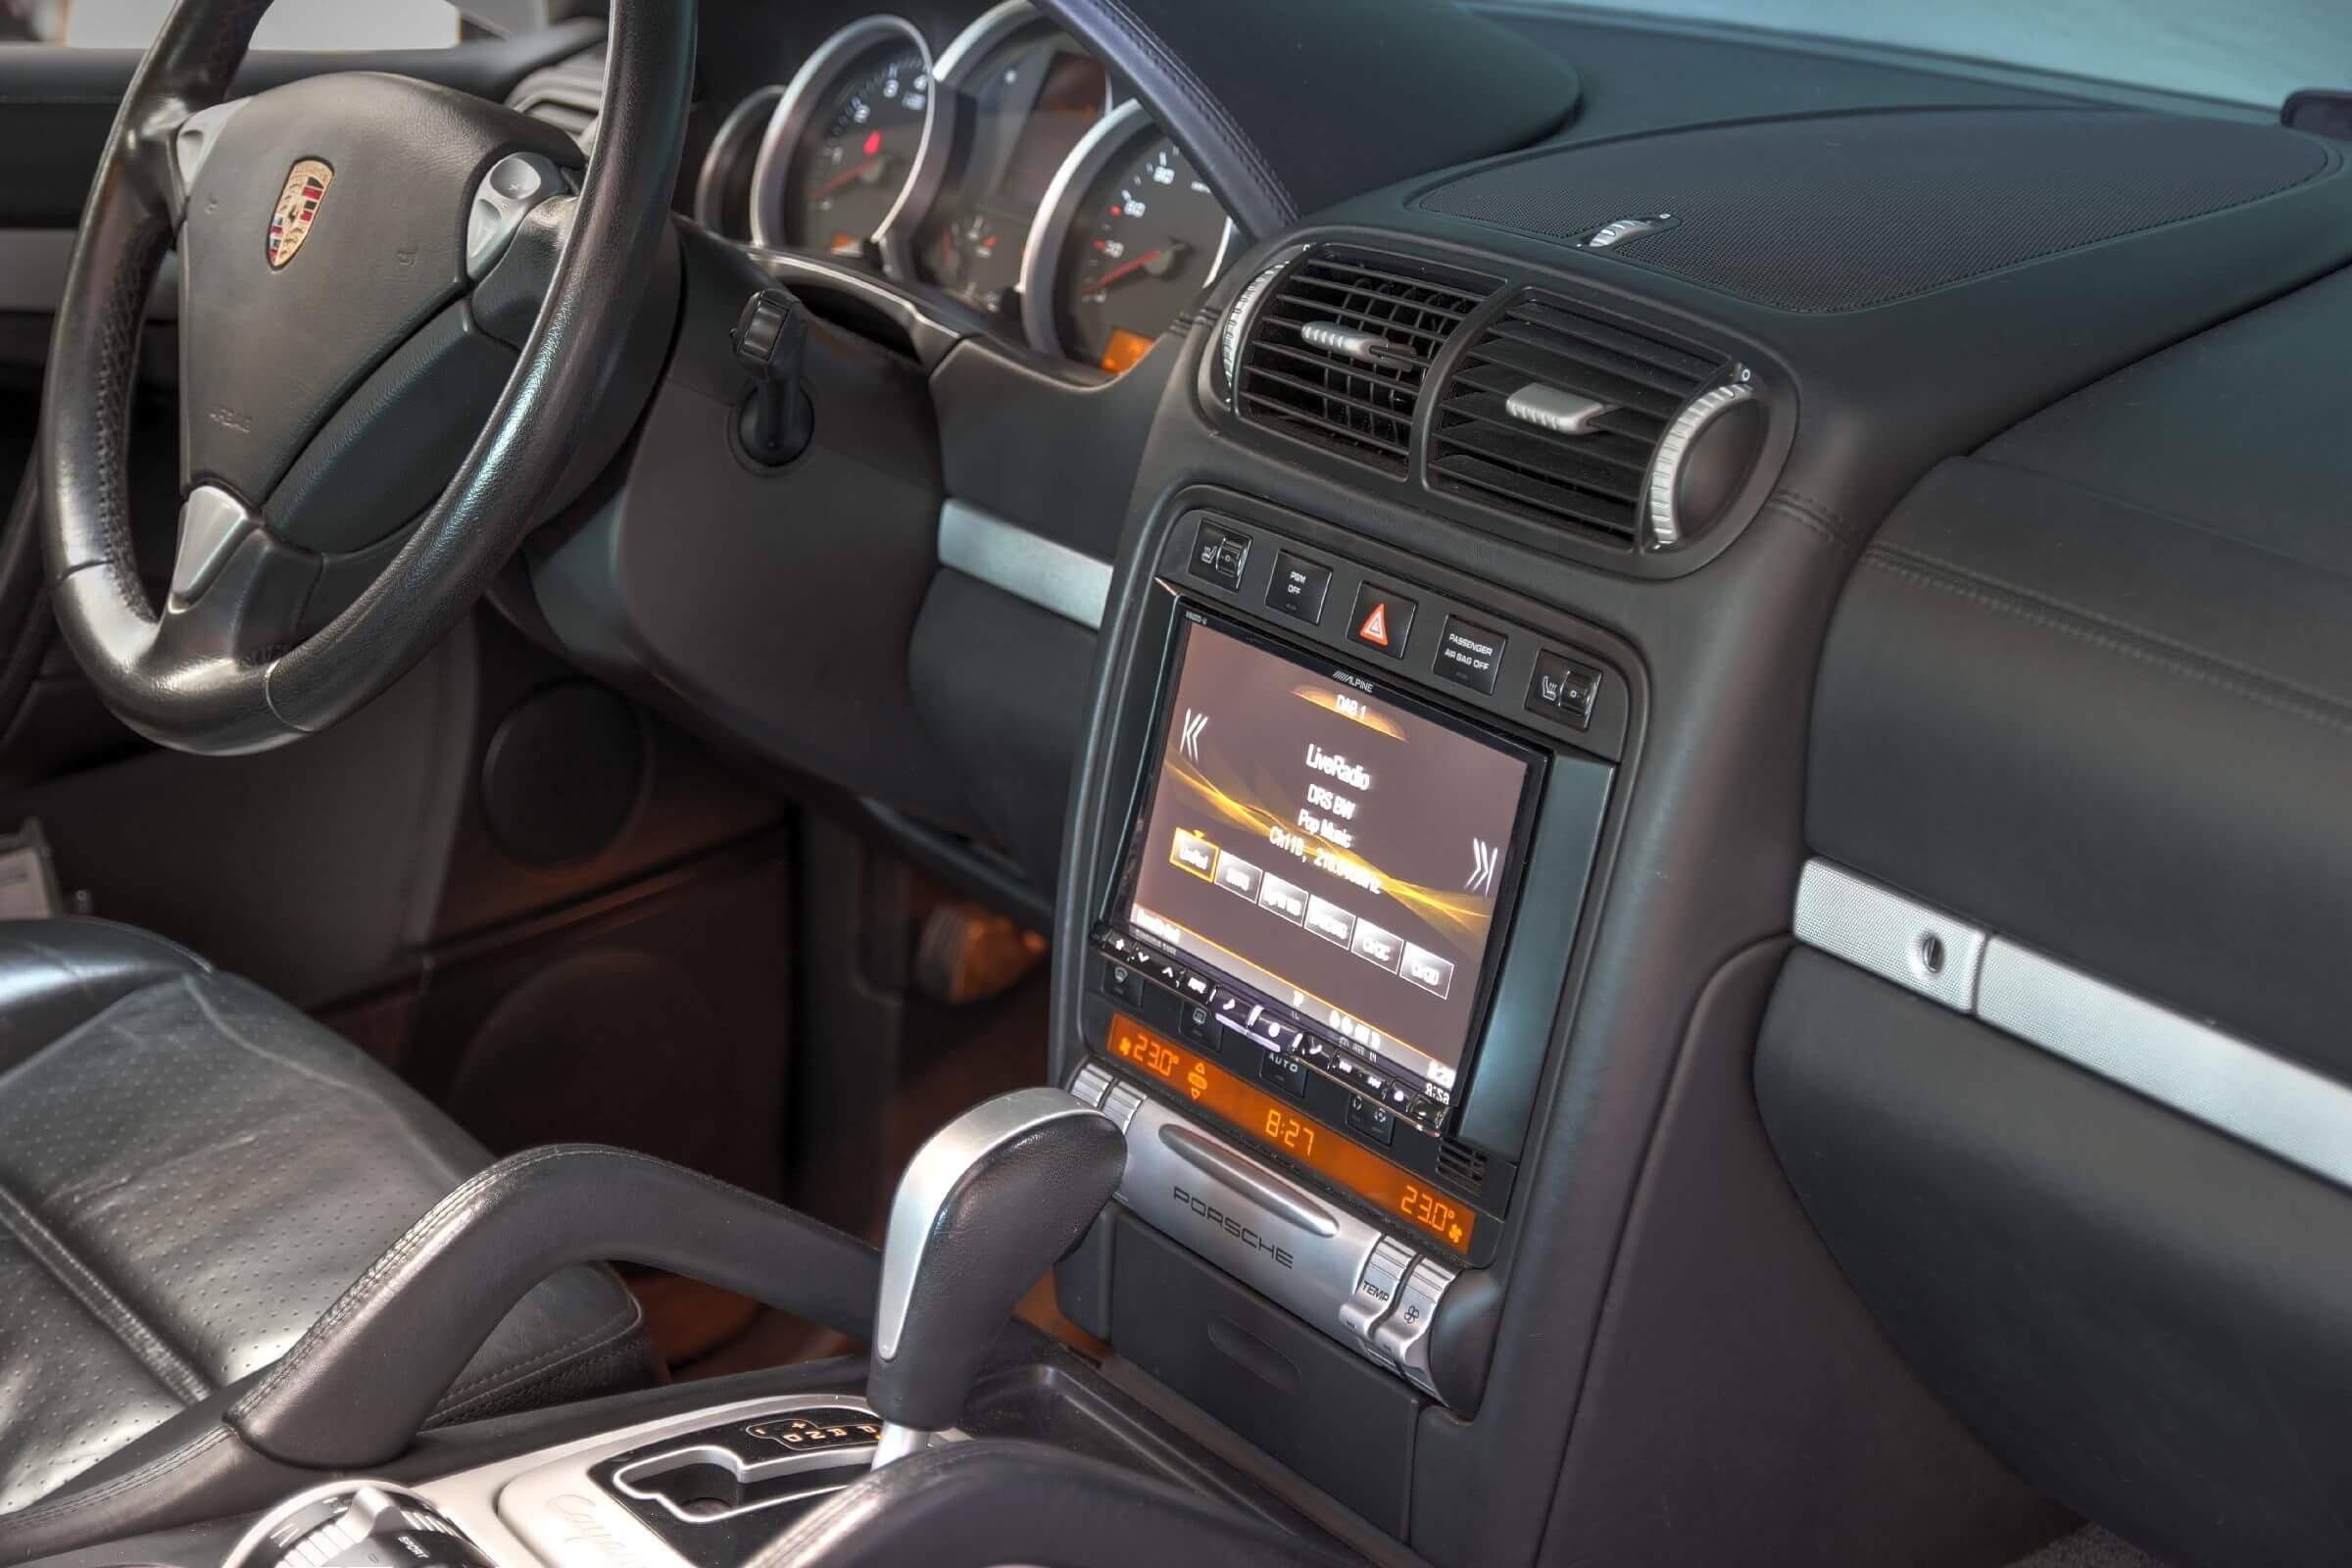 Nachrüstung im Porsche Cayenne Digitalradio, Bluetooth und DVD